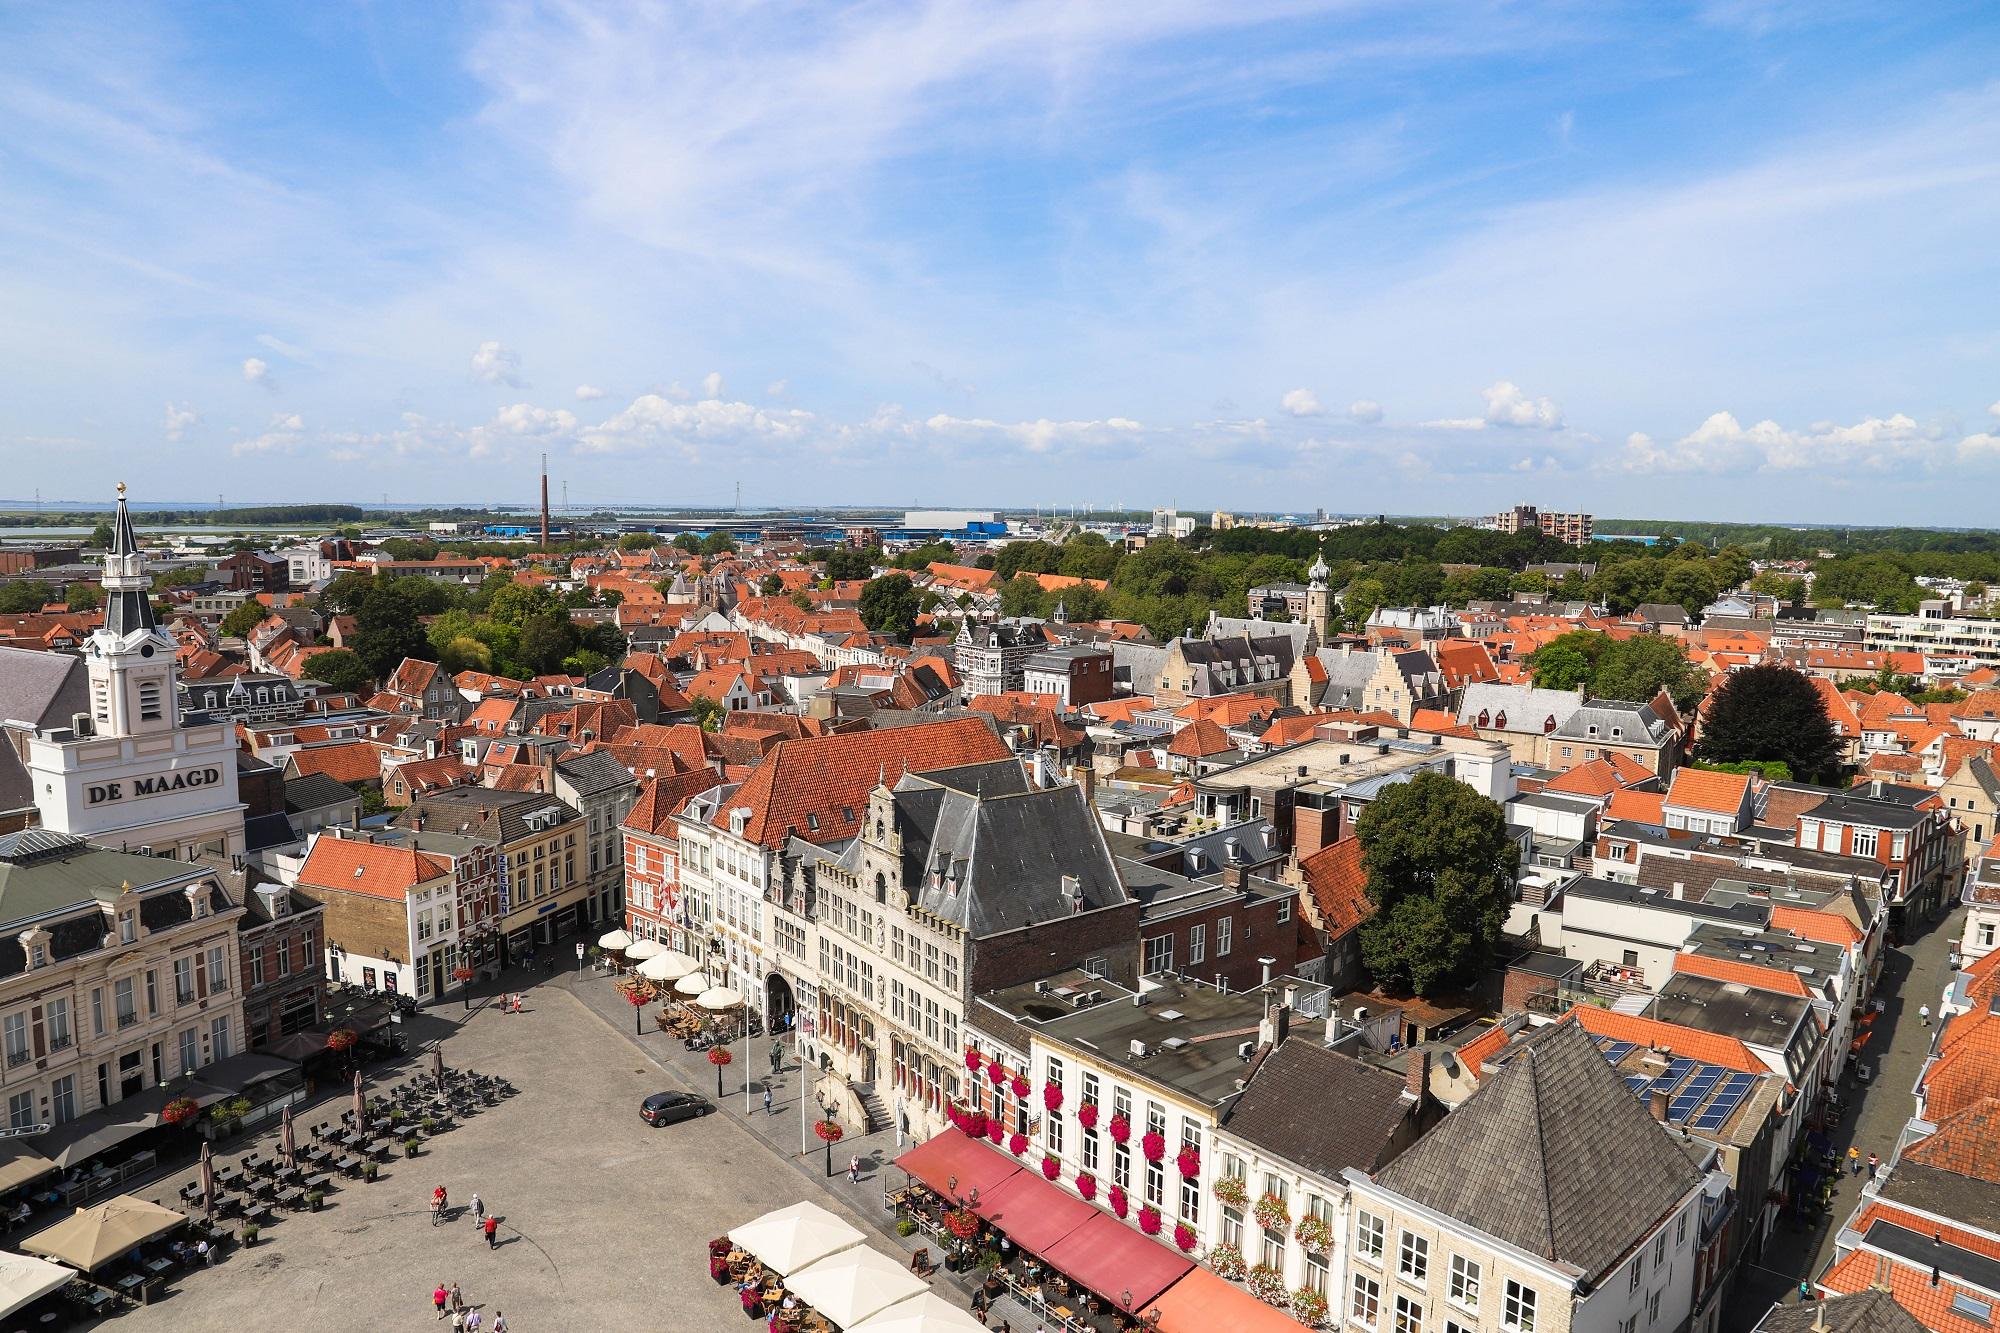 Brabantse gemeenten pleegouderschap uitzicht peperbus markiezenhof stadhuis maagd